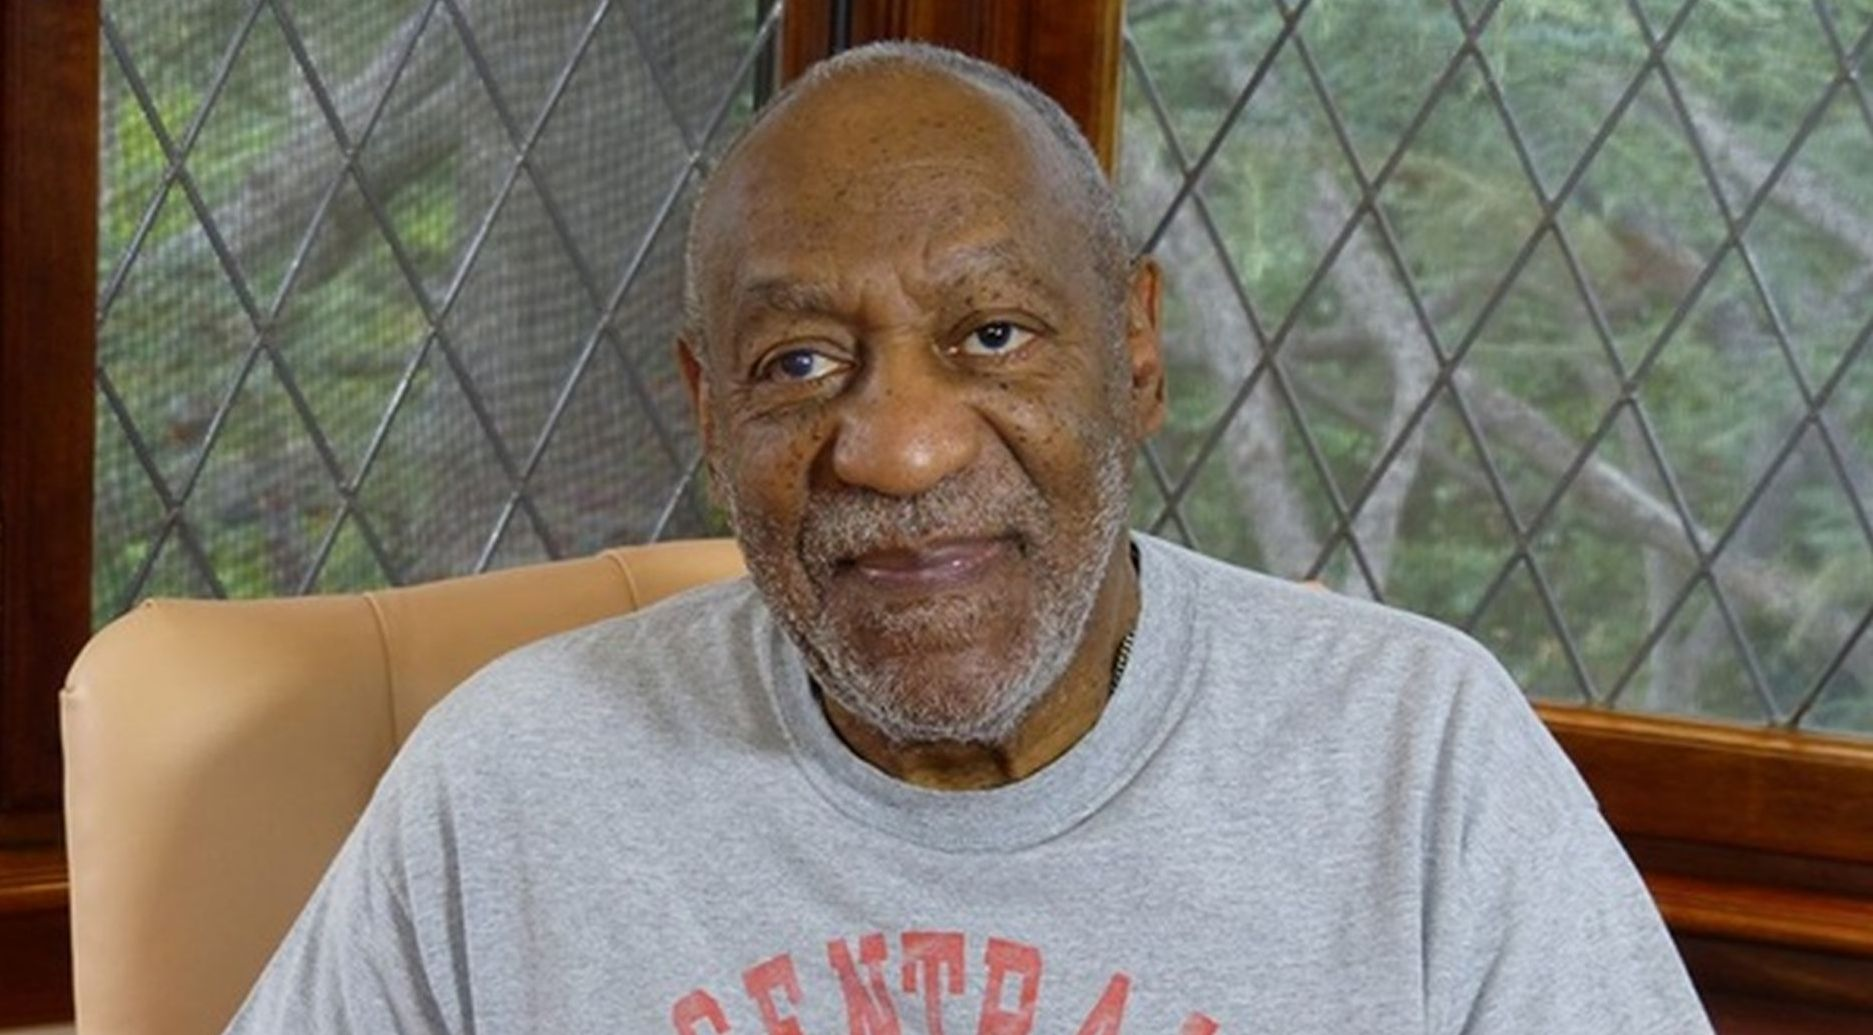 DOKUMENTI POTVRĐUJU Bill Cosby još 2005. priznao da je drogirao i silovao žene